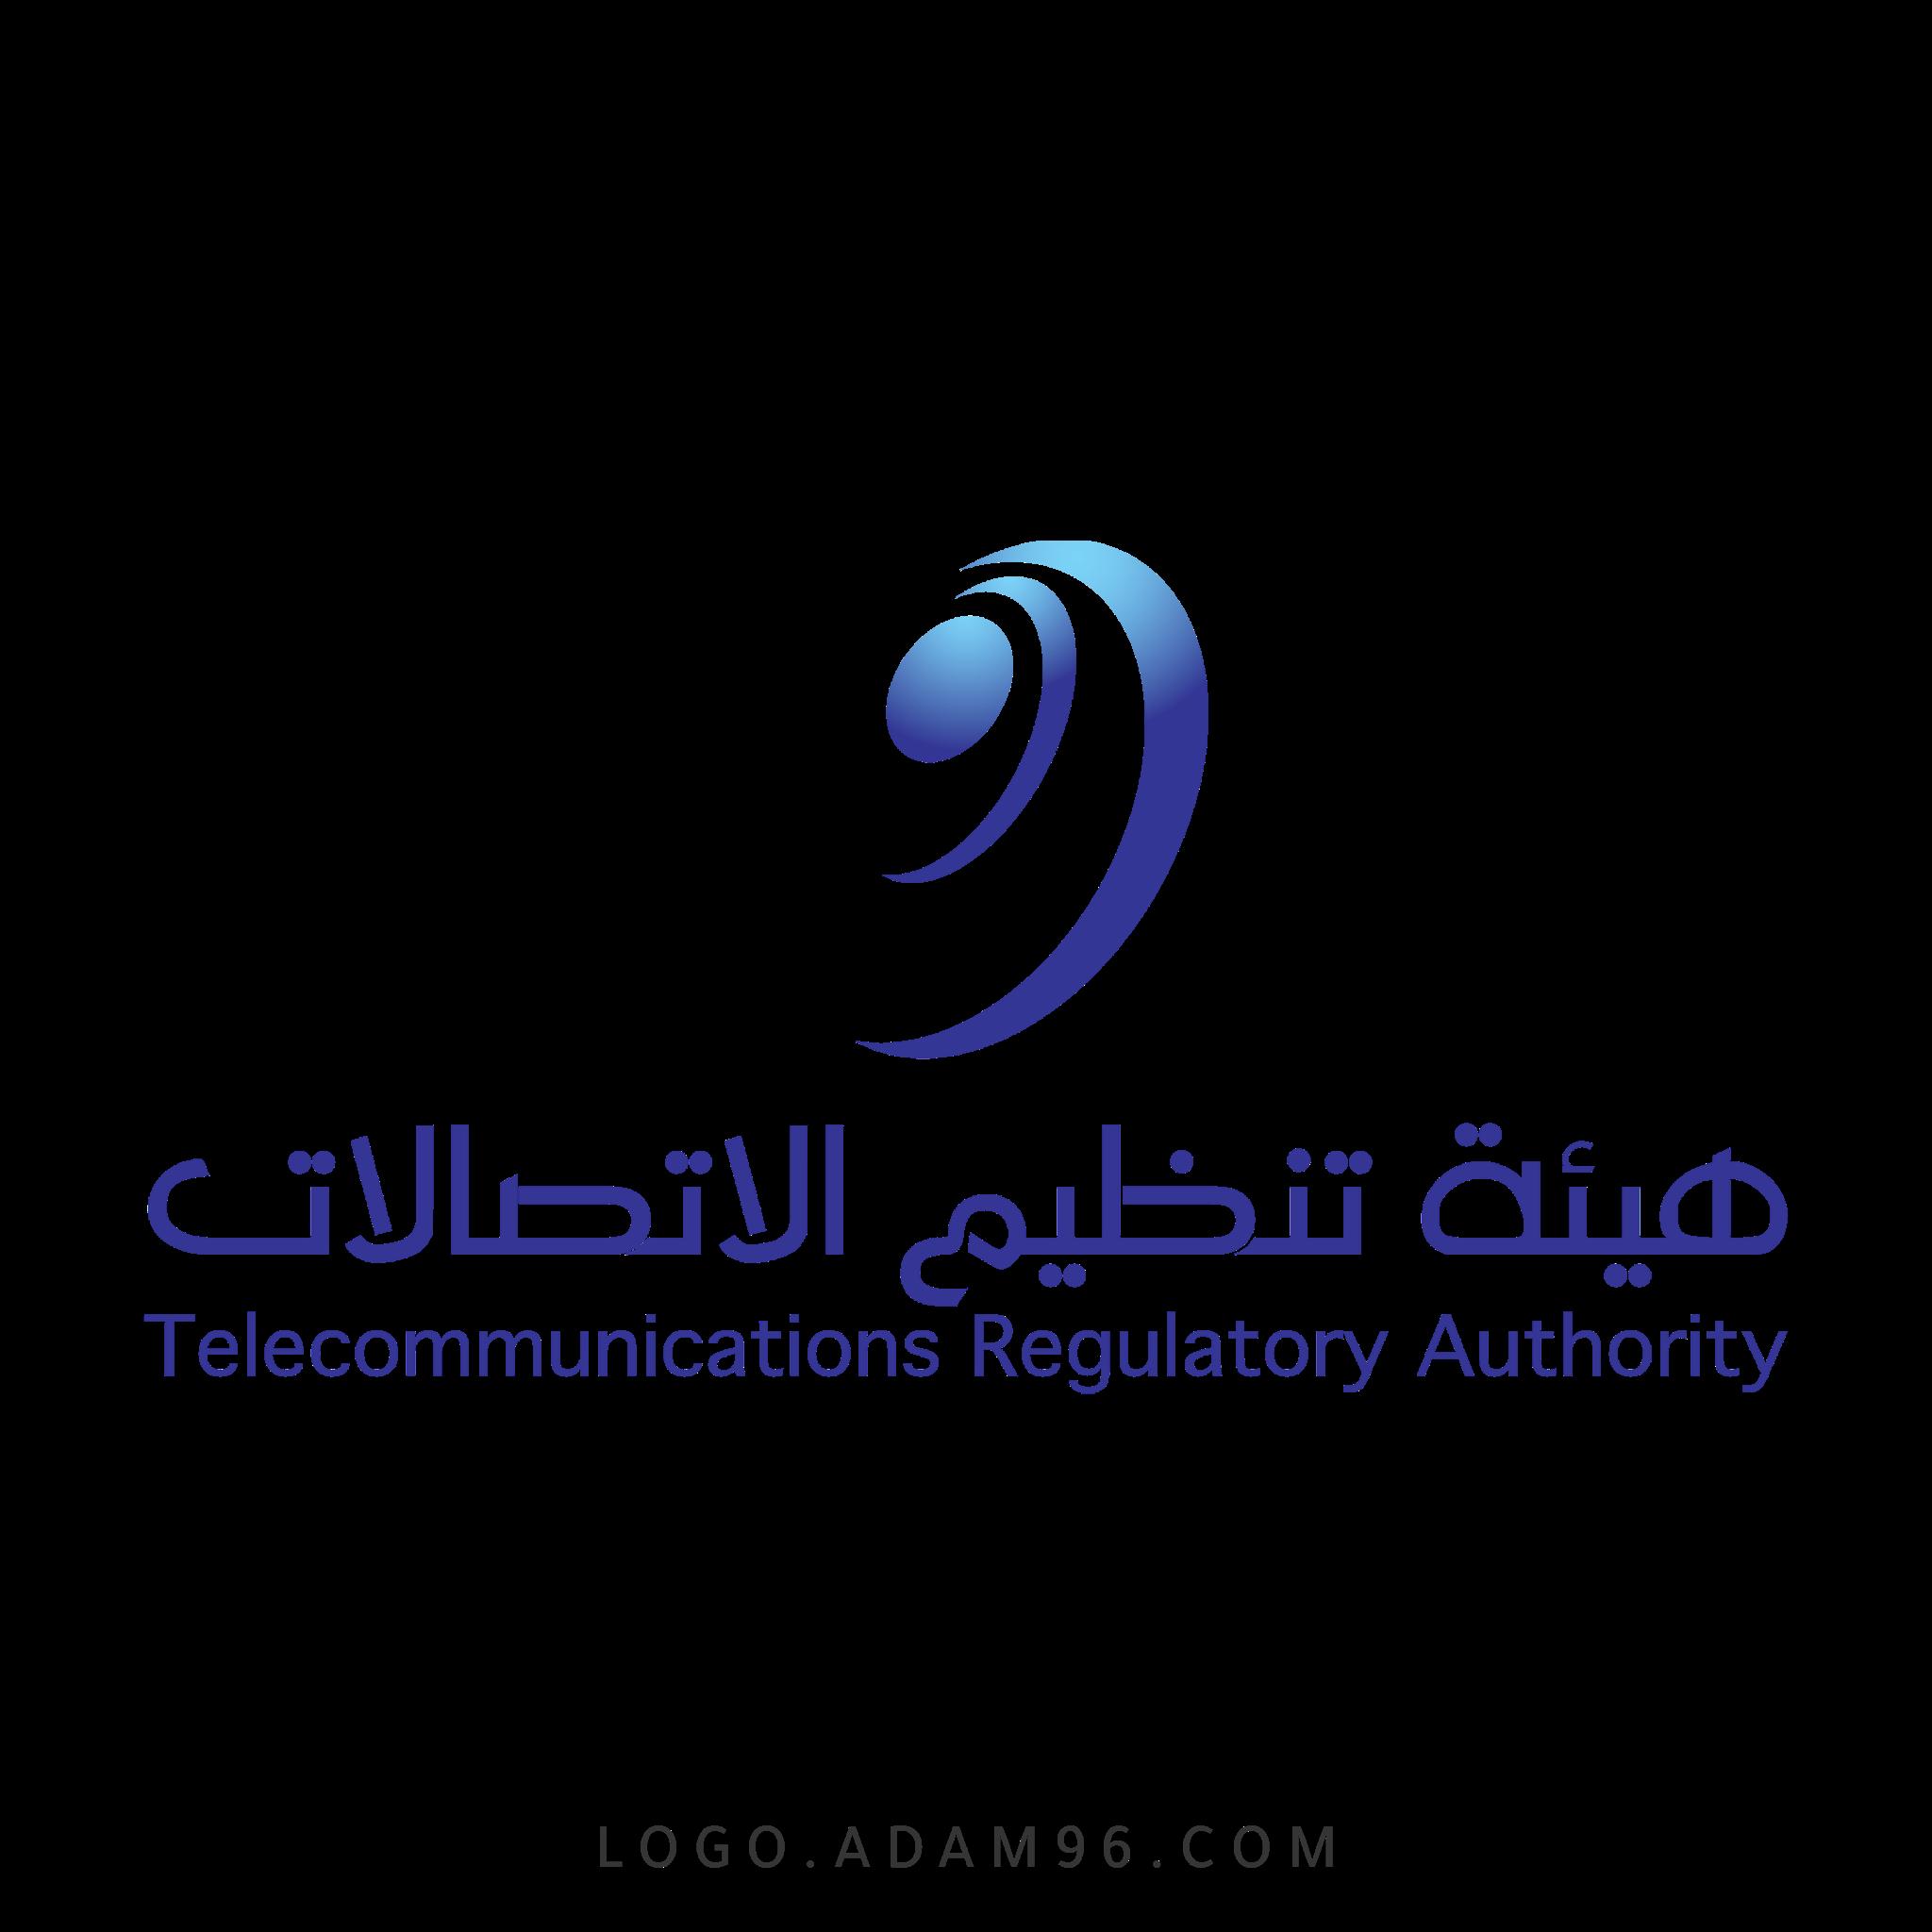 تحميل شعار هيئة تنظيم الاتصالات العمانية لوجو رسمي عالي الدقة بصيغة شفافة PNG